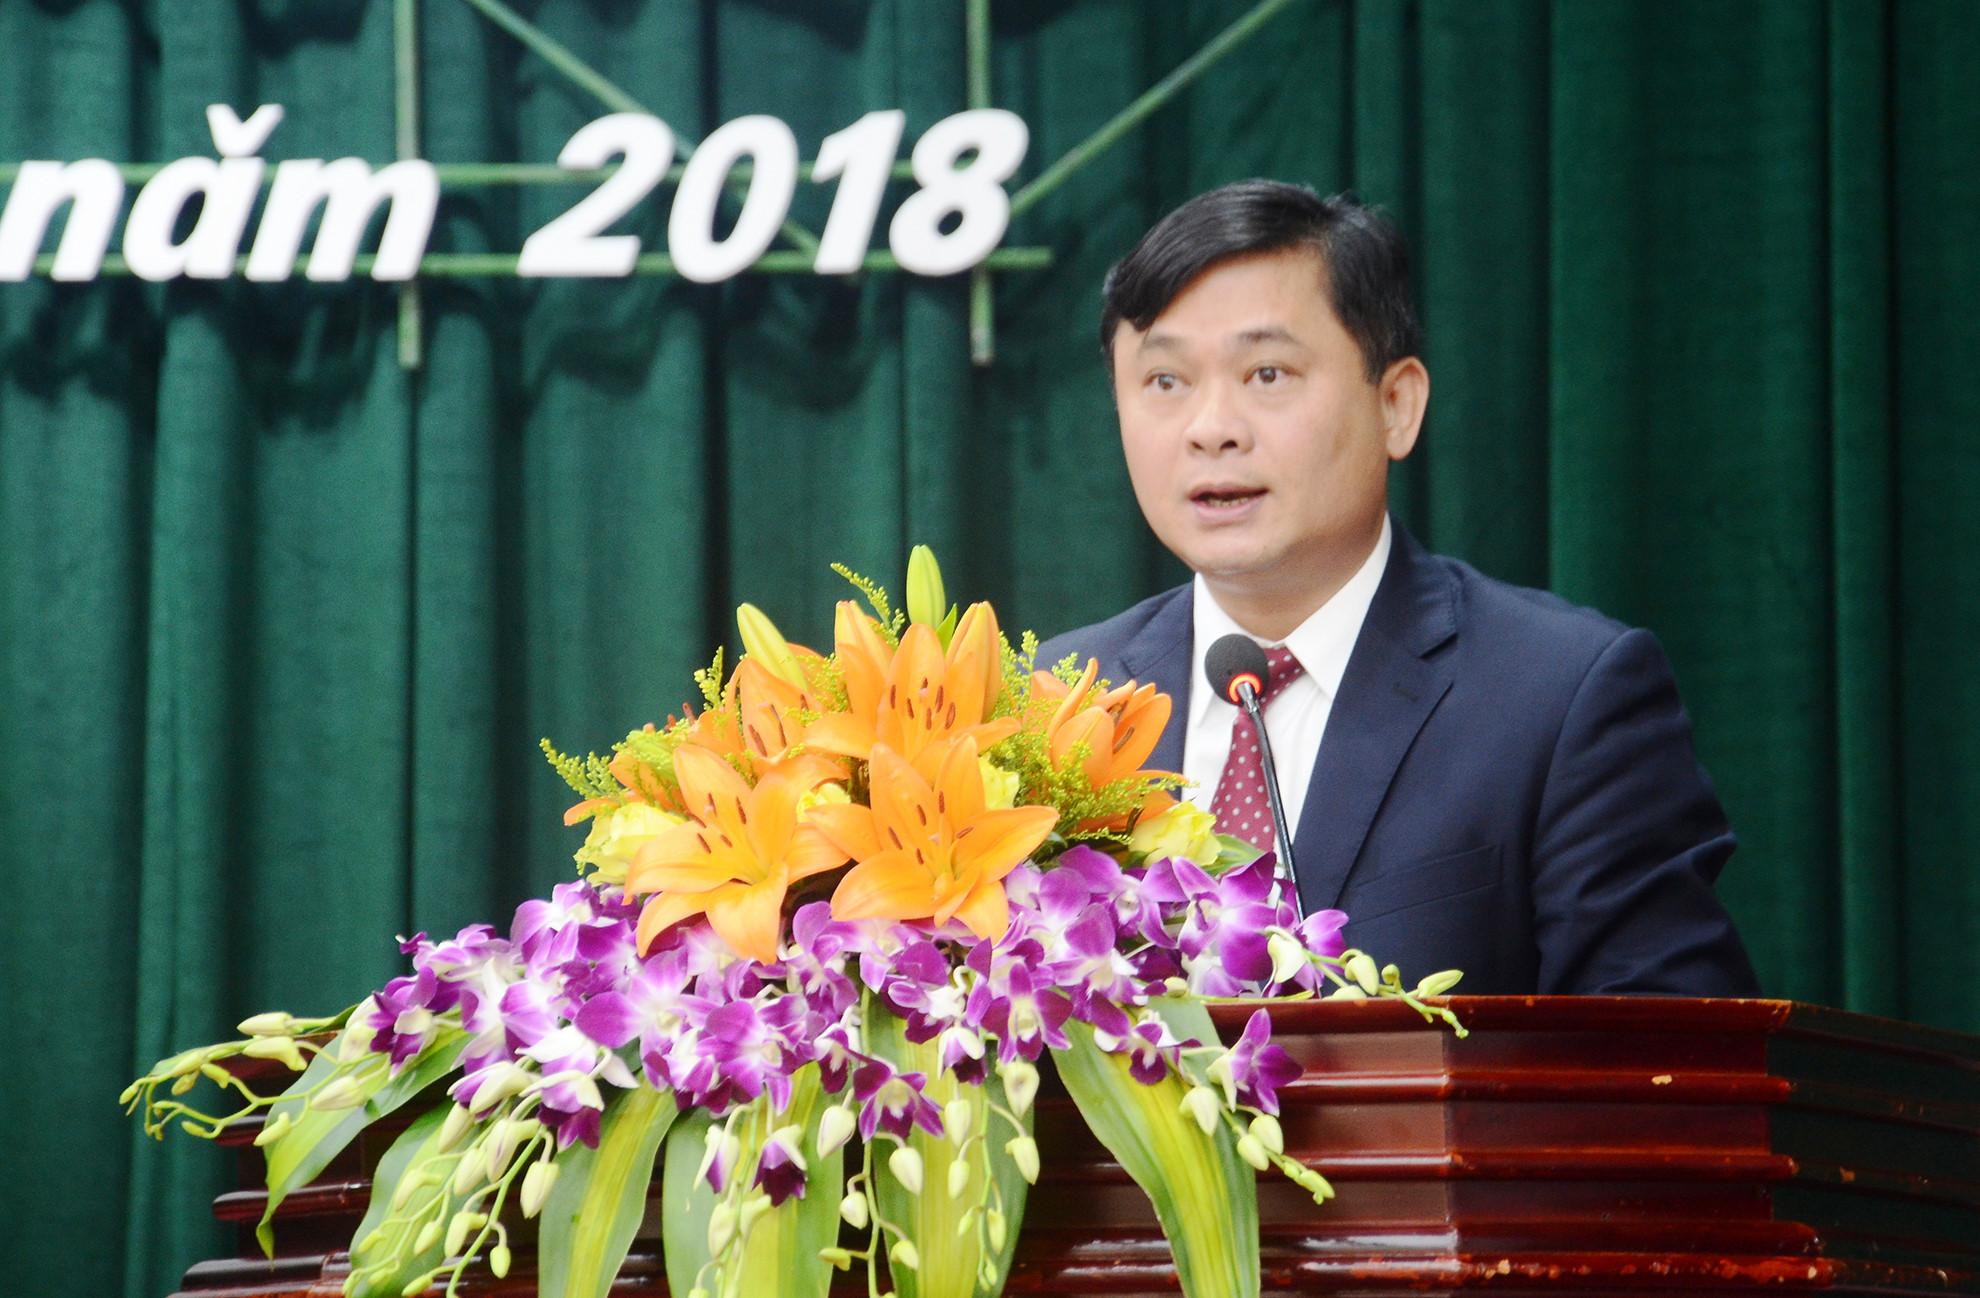 Nghệ An có tân chủ tịch UBND tỉnh 42 tuổi Ảnh 2